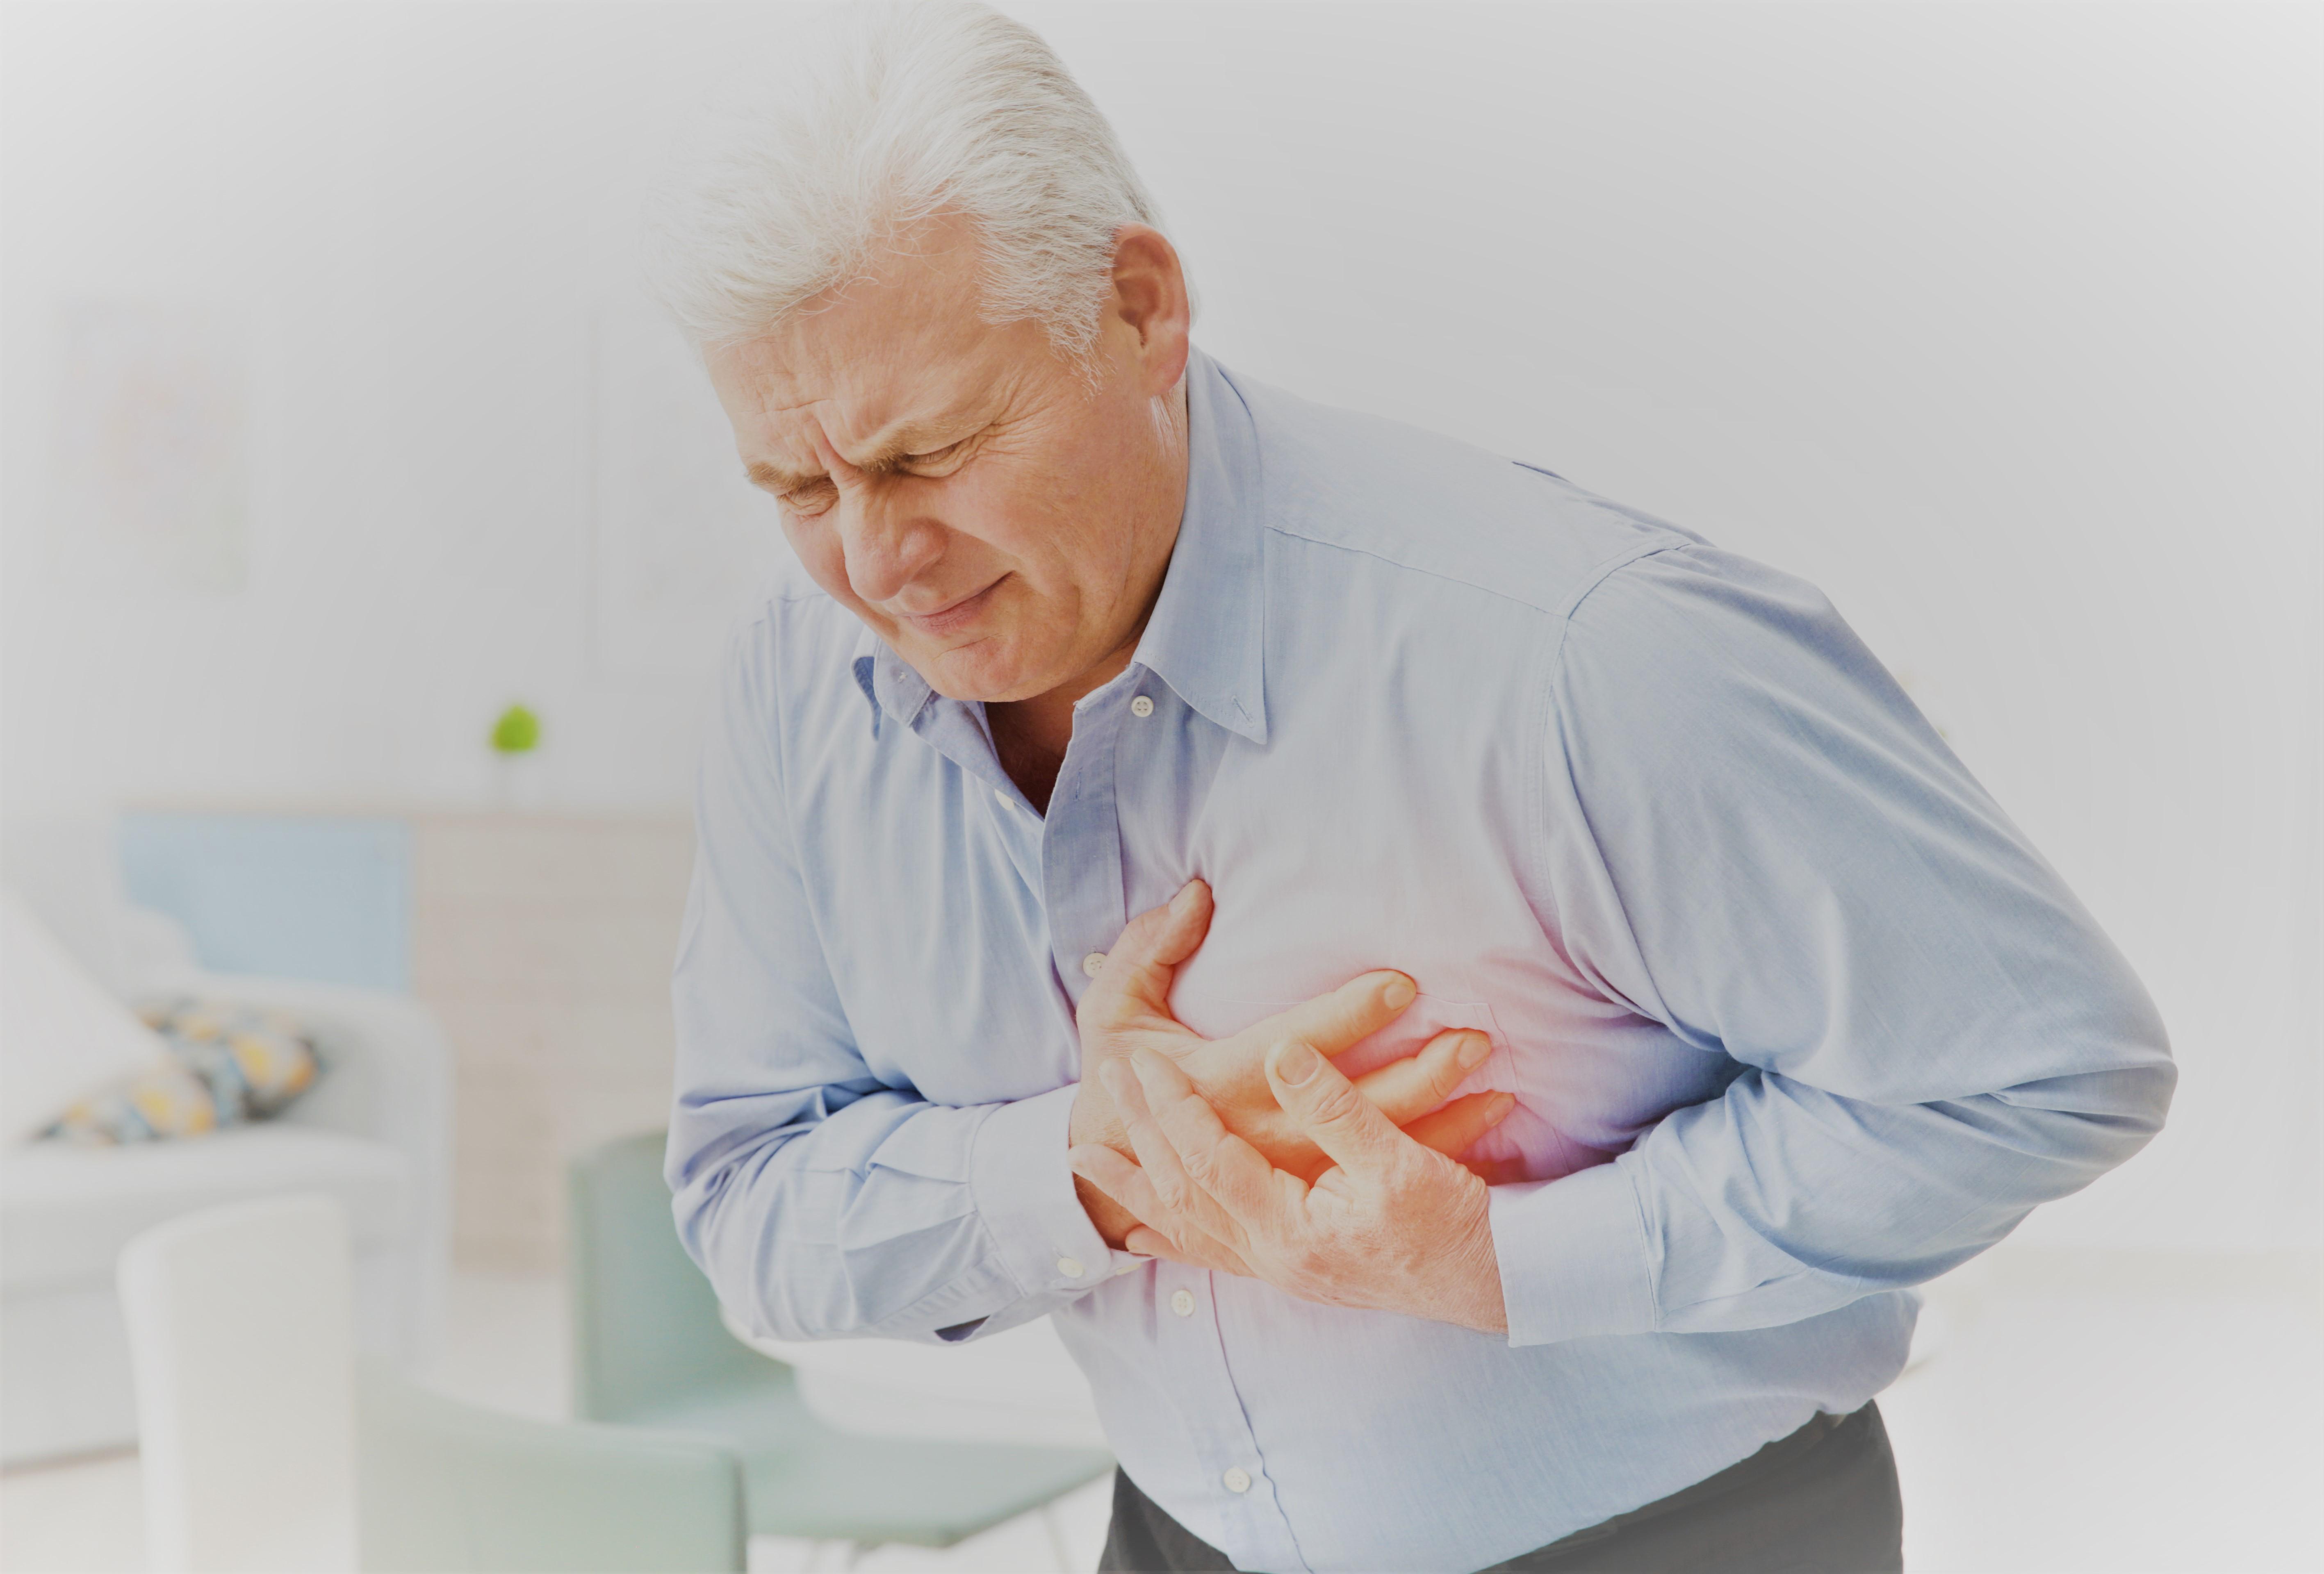 Ízületi fájdalom csökkentése egyszerűen | Gyógyszer Nélkül